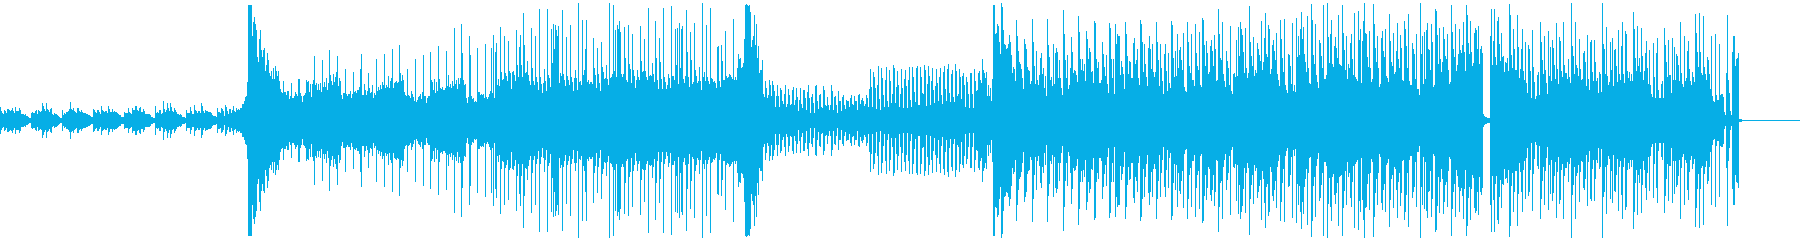 幻想的なジブリの森風サウンドの再生済みの波形